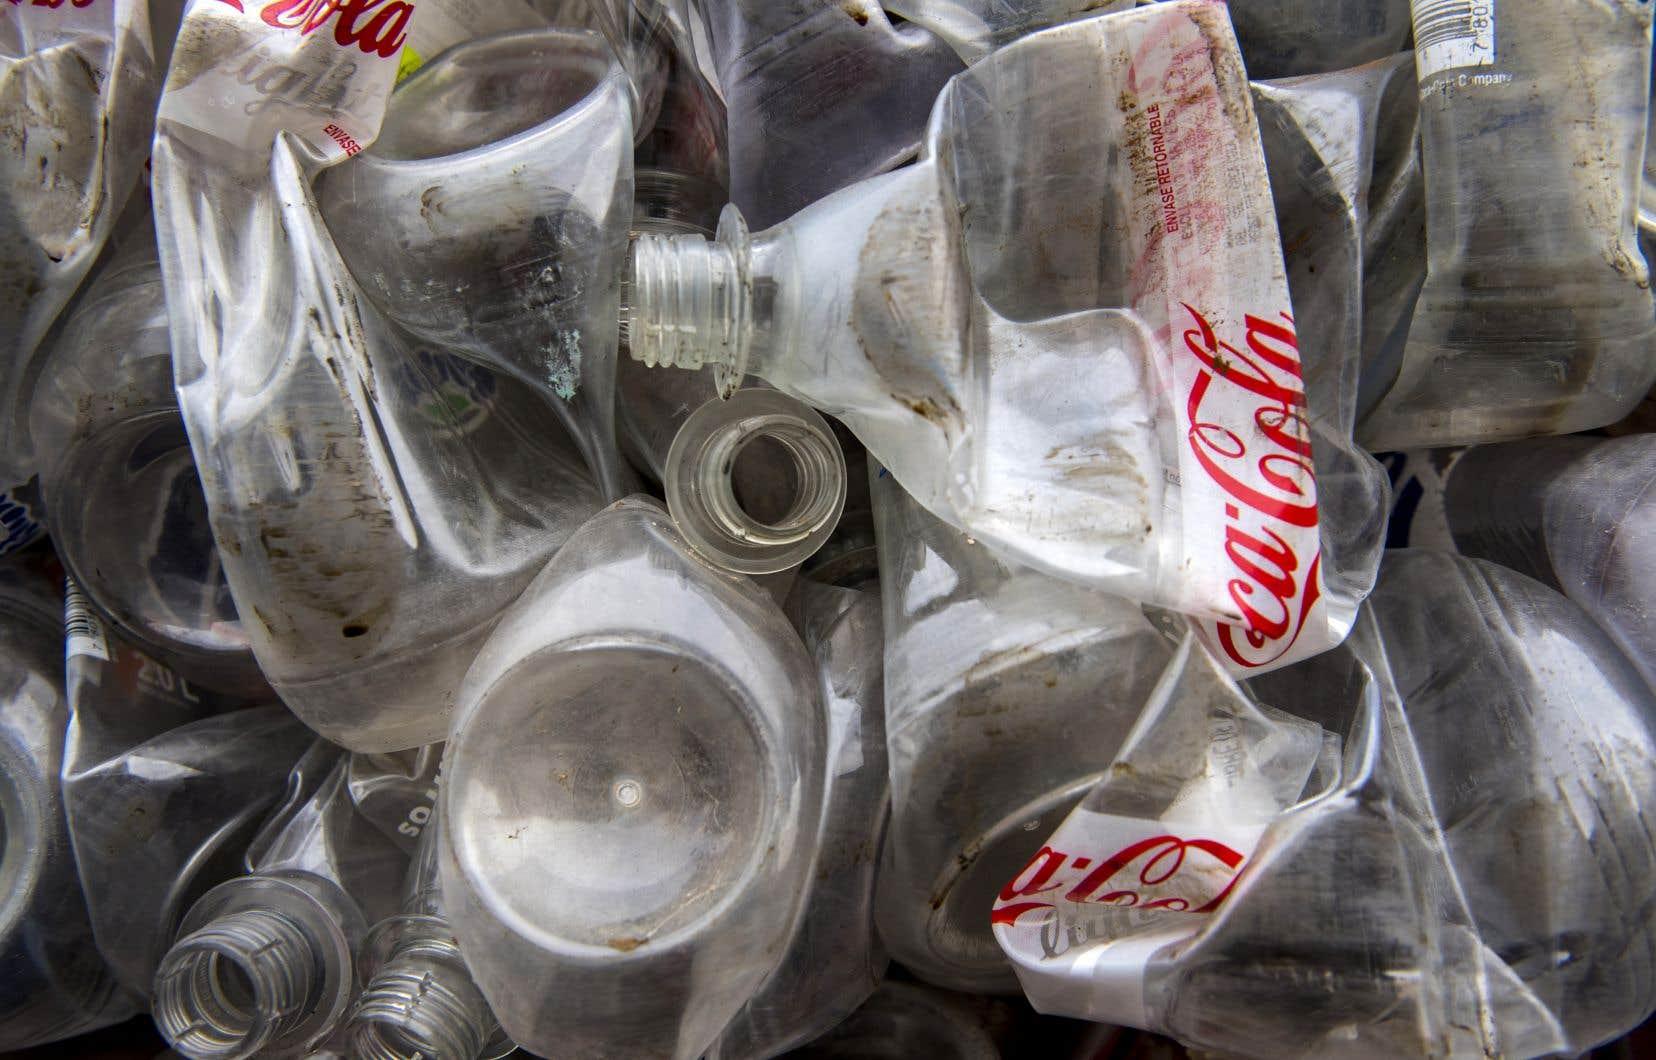 Pour la deuxième année consécutive, Coca-Cola s'est classée au premier rang des pollueurs avec 11732 déchets plastiques collectés dans 37 pays sur quatre continents.